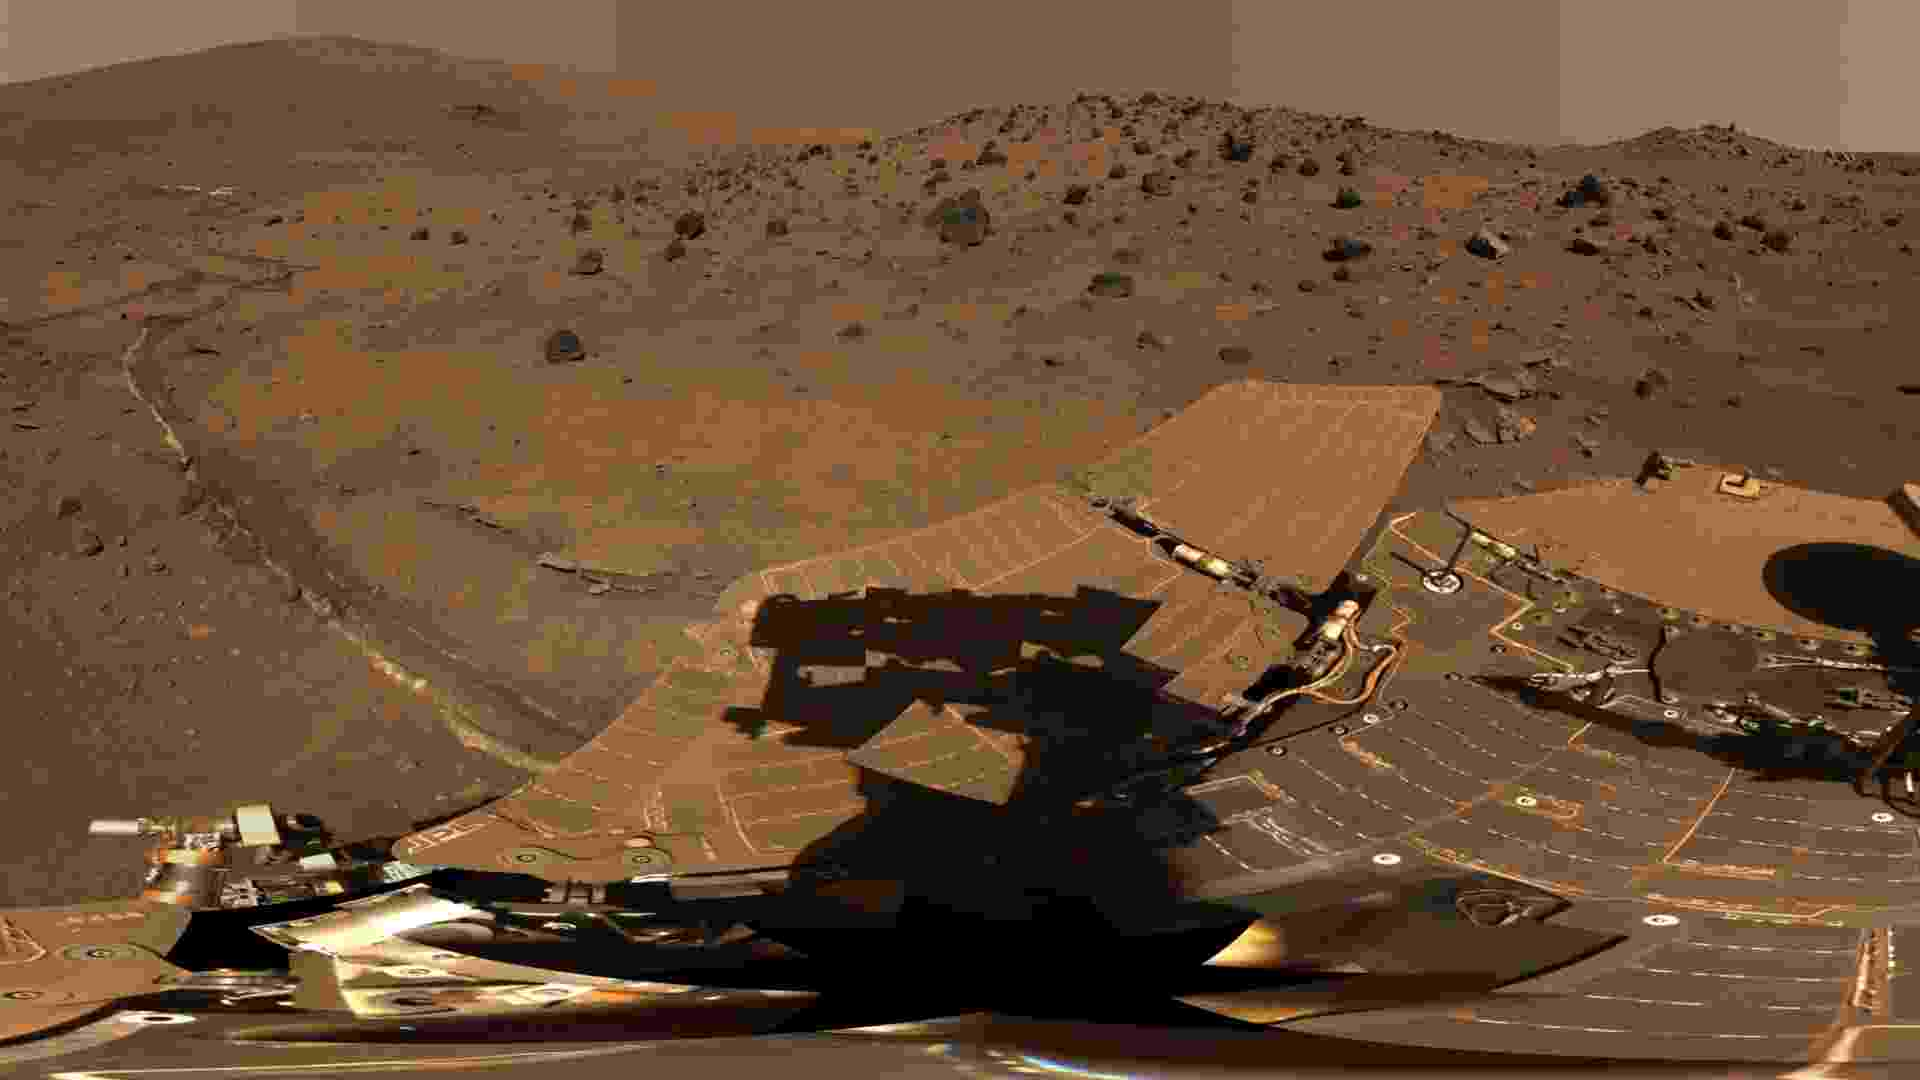 19.jun.2013- Ao analisar rochas da superfície de Marte capturadas pelo robô Spirit e compará-las a meteoritos marcianos, pesquisadores descobriram que as rochas são cinco vezes mais ricas em níquel do que os meteoritos. O que poderia explicar isso é que as rochas estavam em um ambiente rico em oxigênio há 4 bilhões de anos - NASA/JPL-Caltech/Universidade de Cornell/Universidade do Estado do Arizona